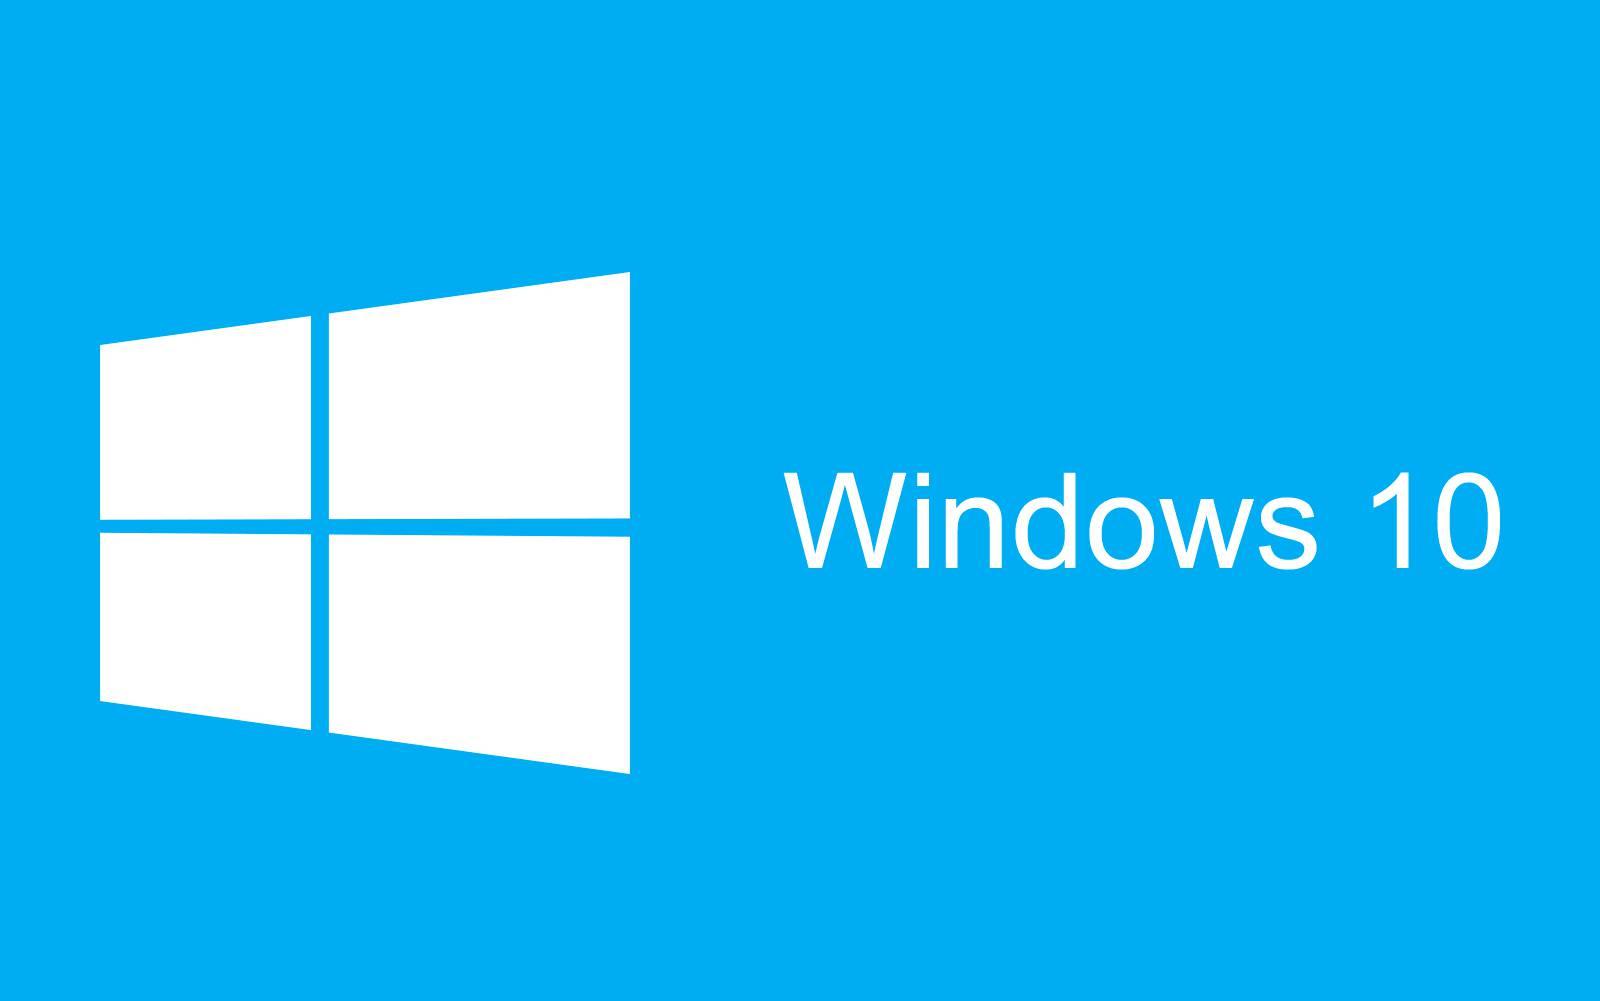 Windows 10 testare may 2019 update